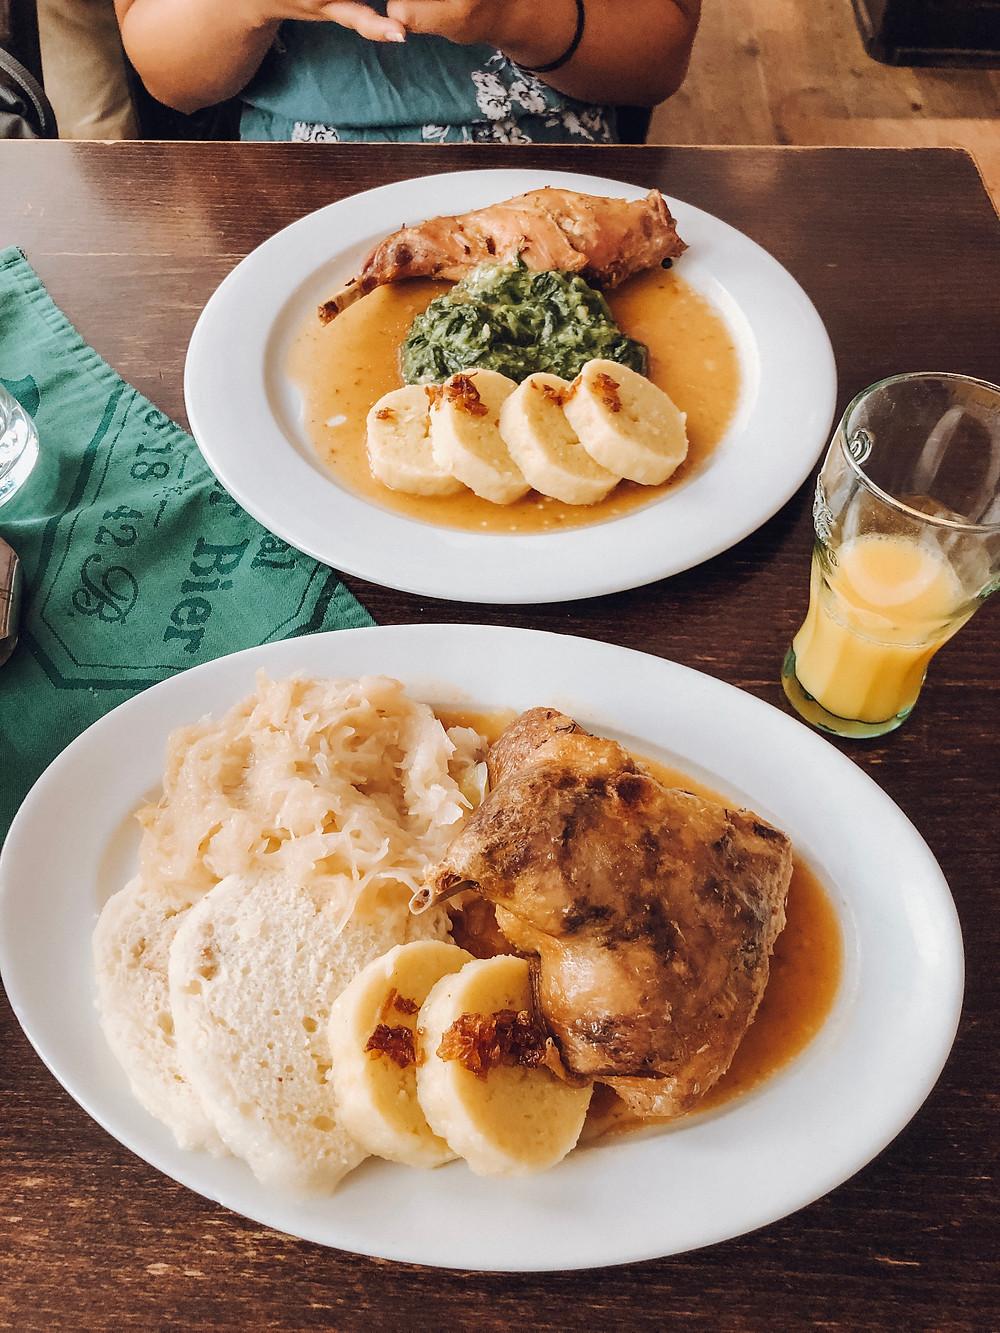 U Parlamentu prague traditional dishes